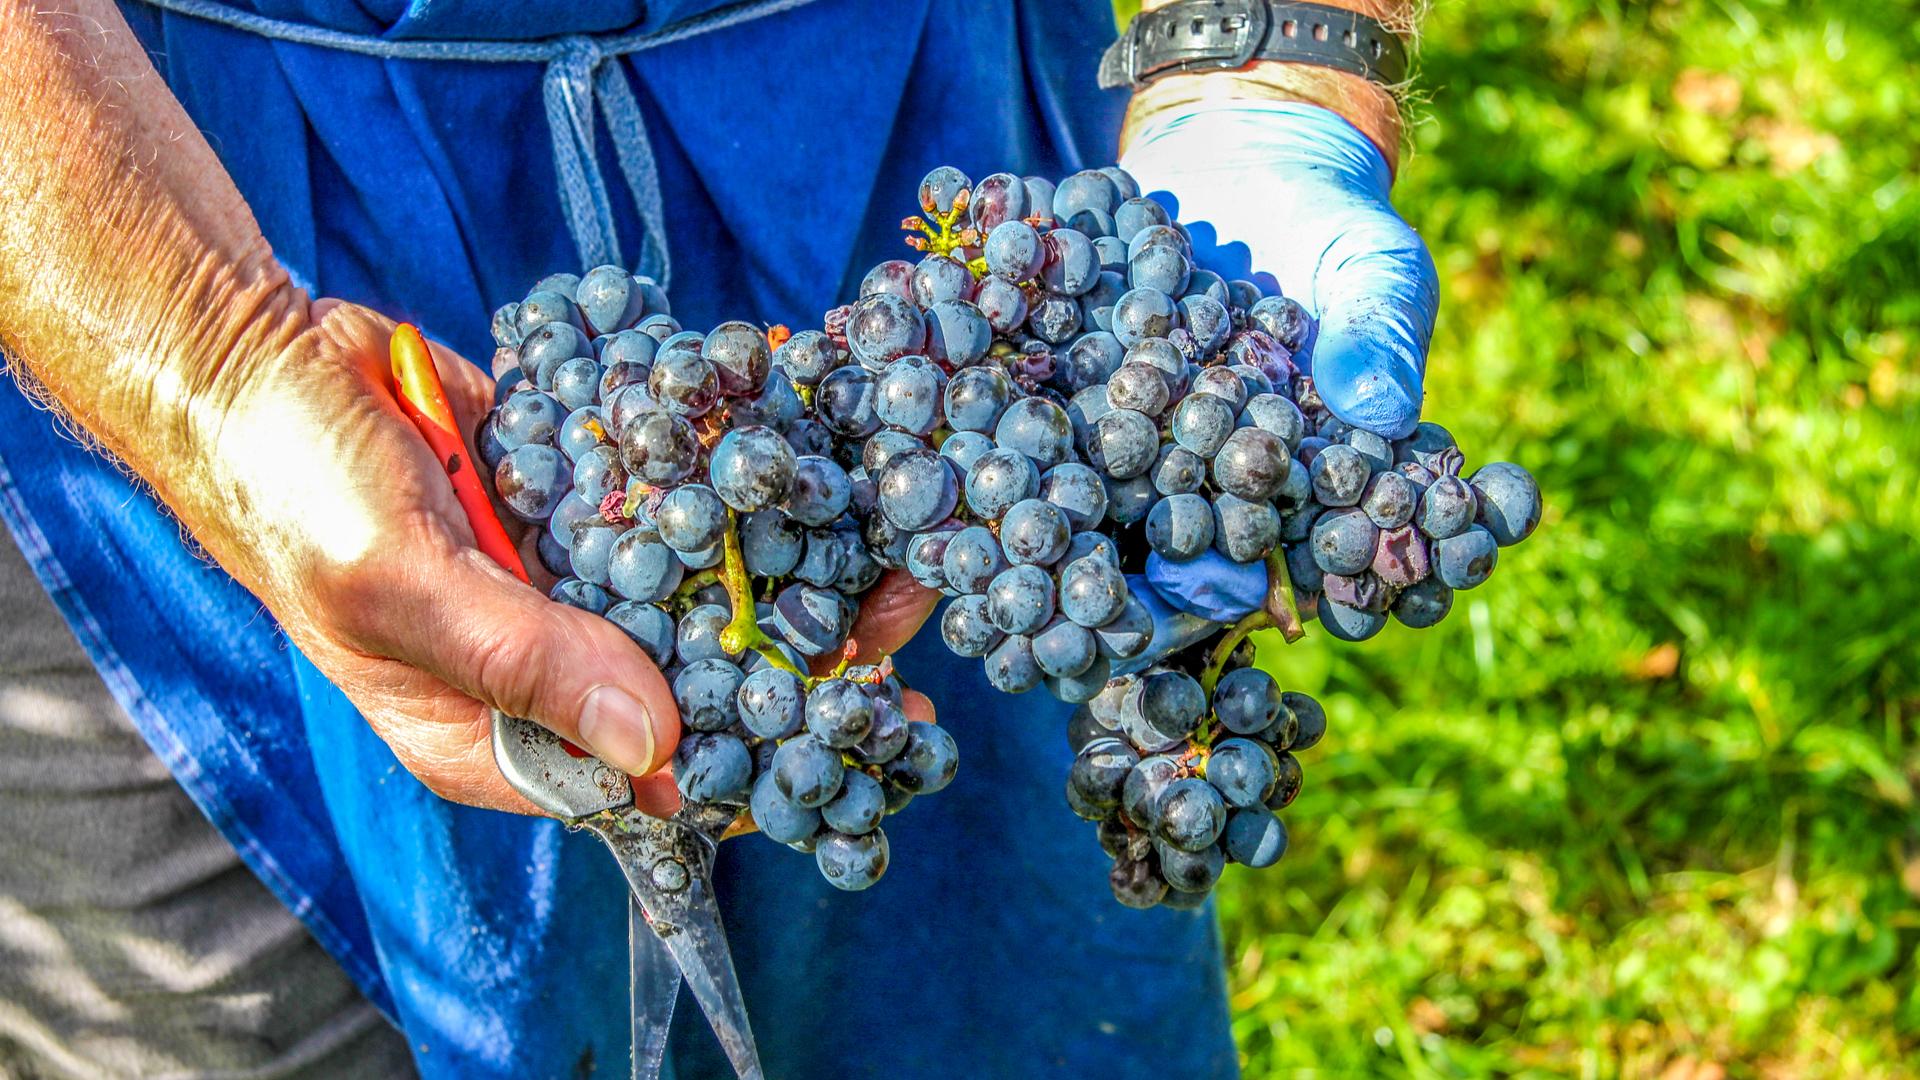 Weinguts Webseiten mit Shop erweitern die Möglichkeiten für Winzerinnen und Winzer, aber auch für Kunden.